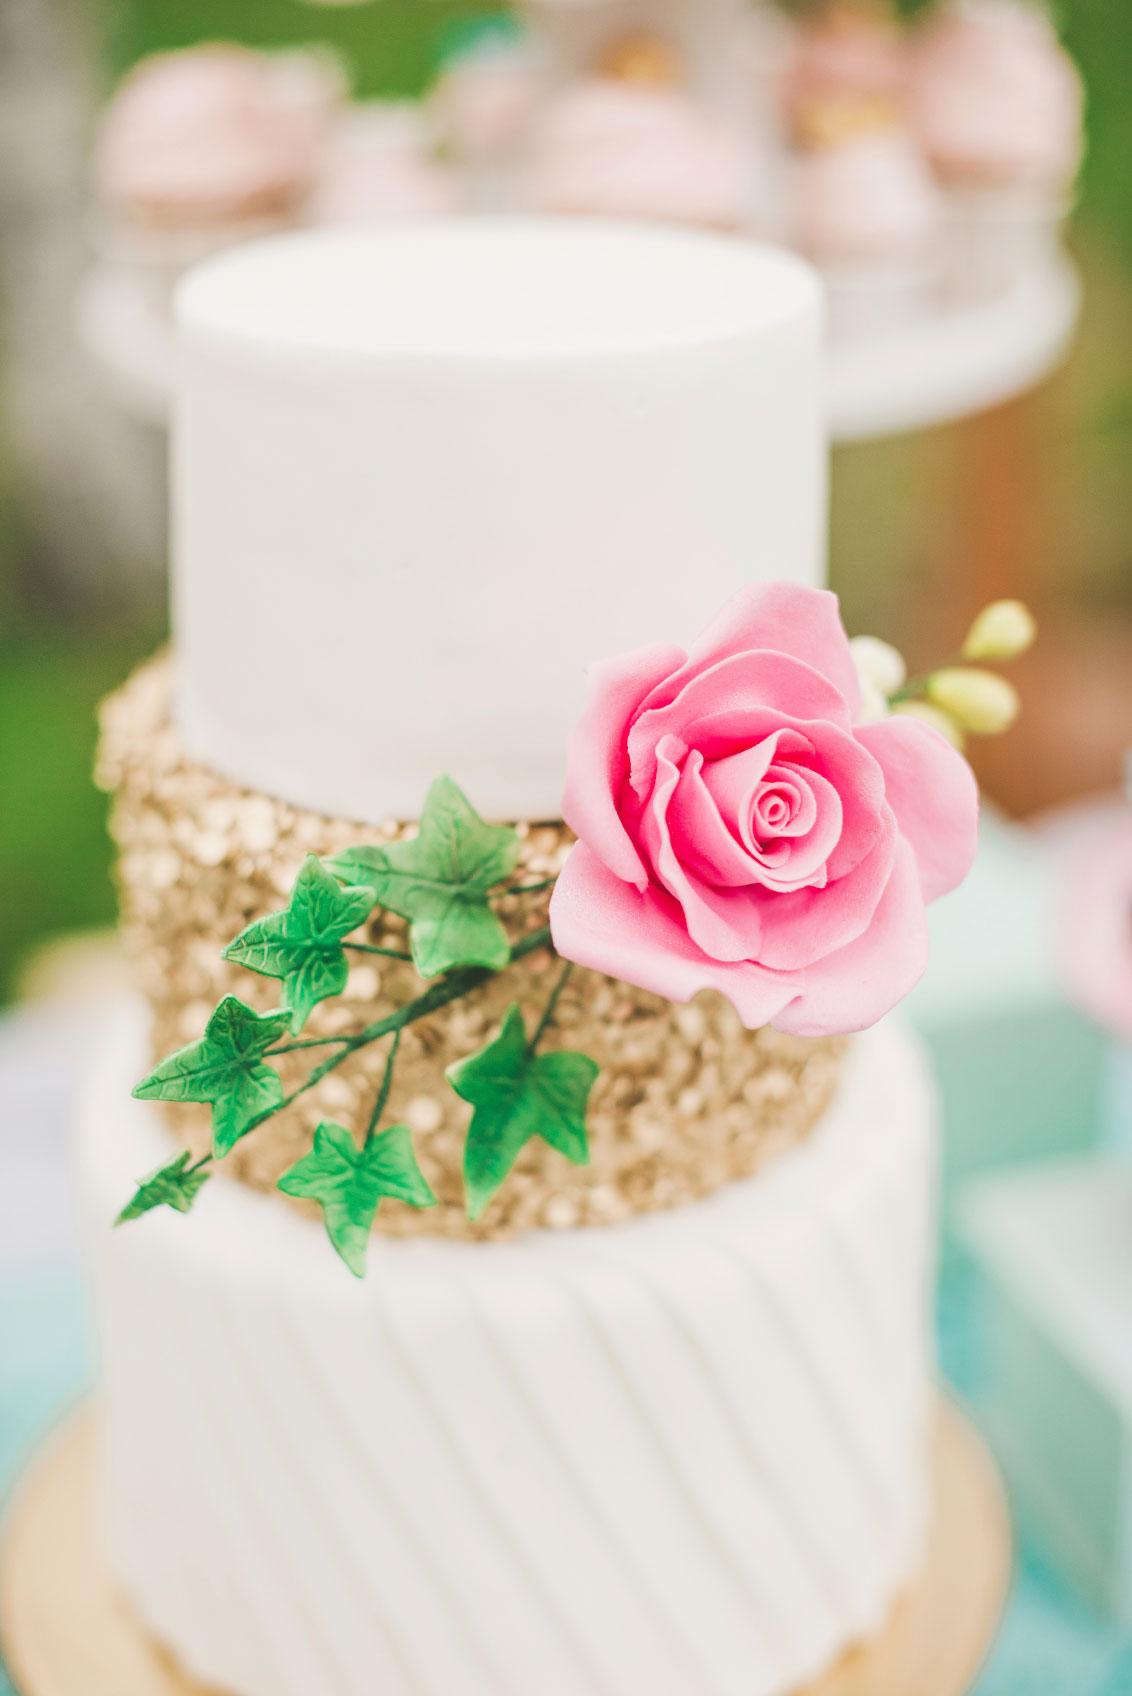 Prettiest-wedding-cake-on-dessert-table-000043015052_Medium